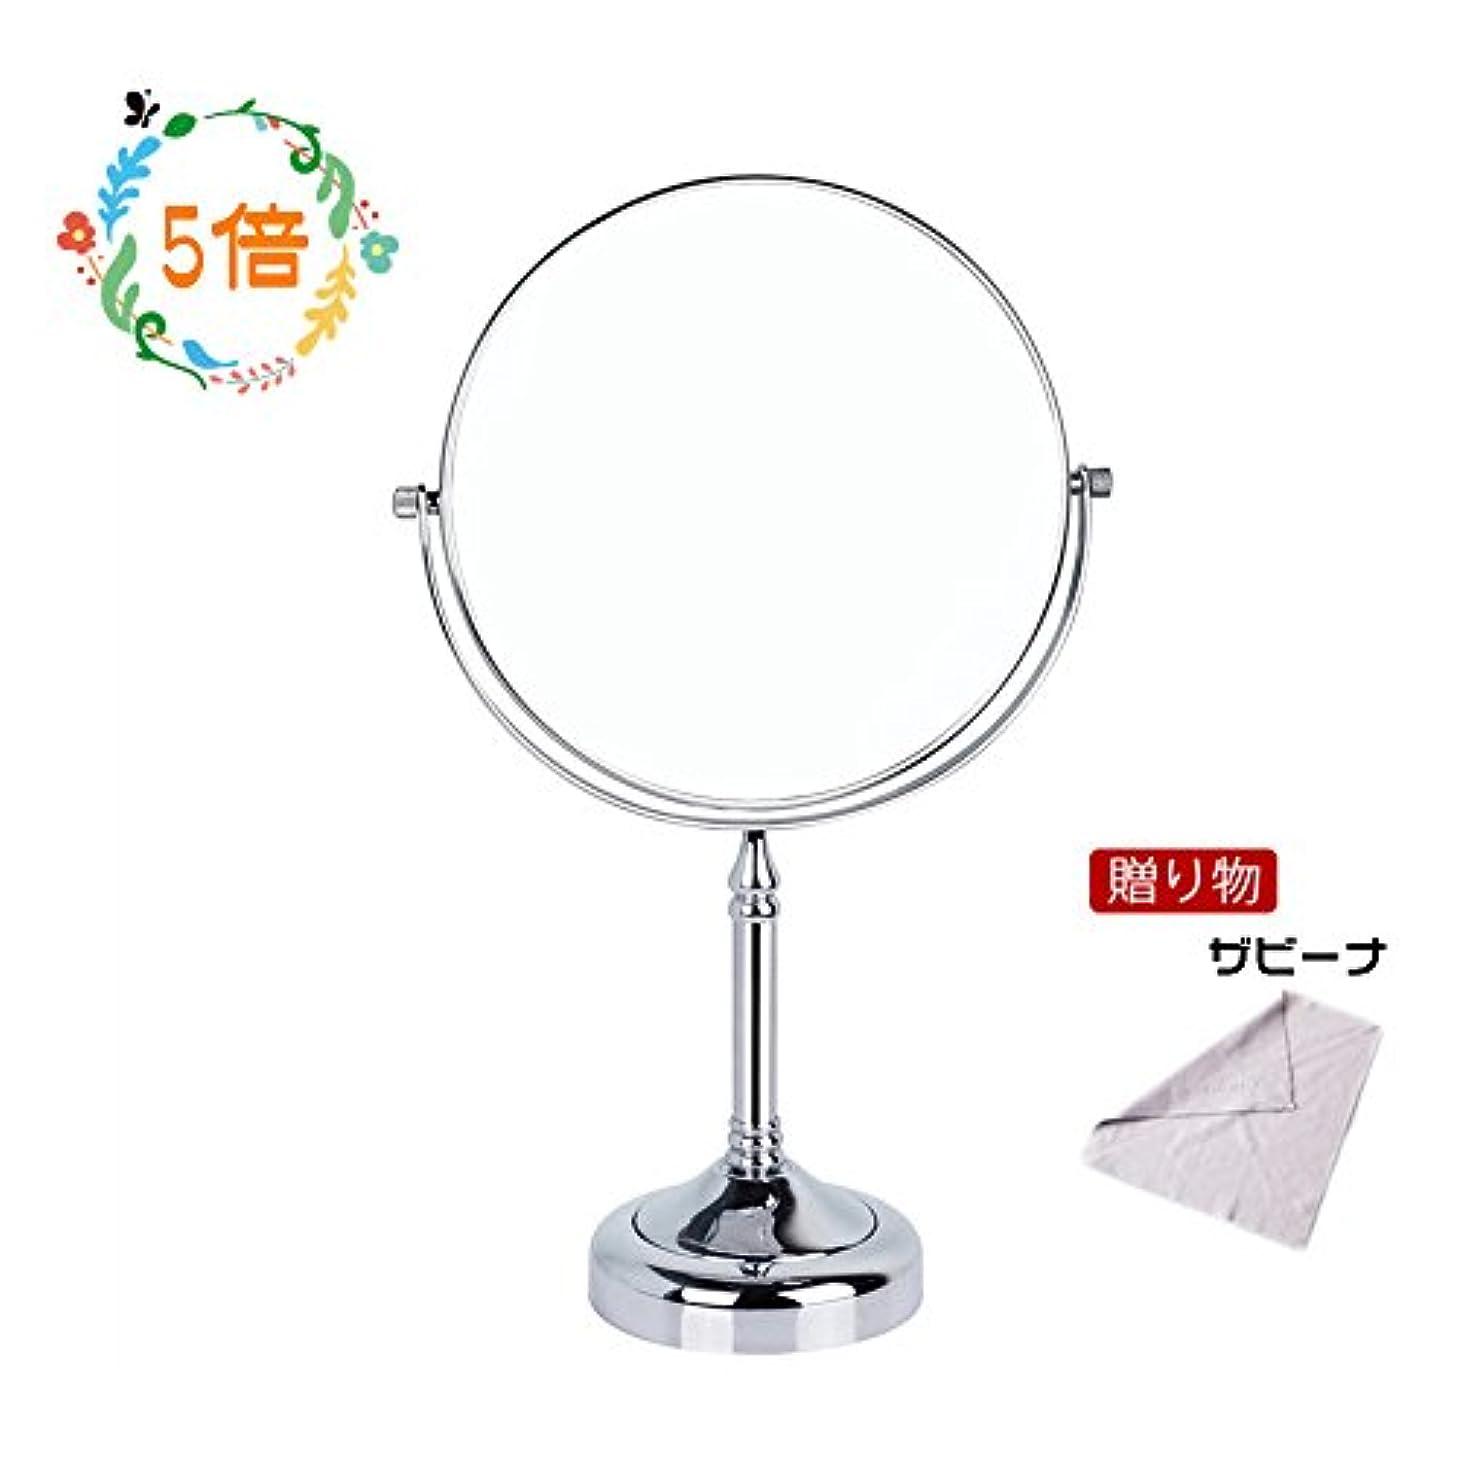 抵当スーツ空虚GURUN  化粧鏡 スタンド メイク 拡大鏡 5倍 卓上ミラー 女優 真鍮 プレゼント JP2251-8*5